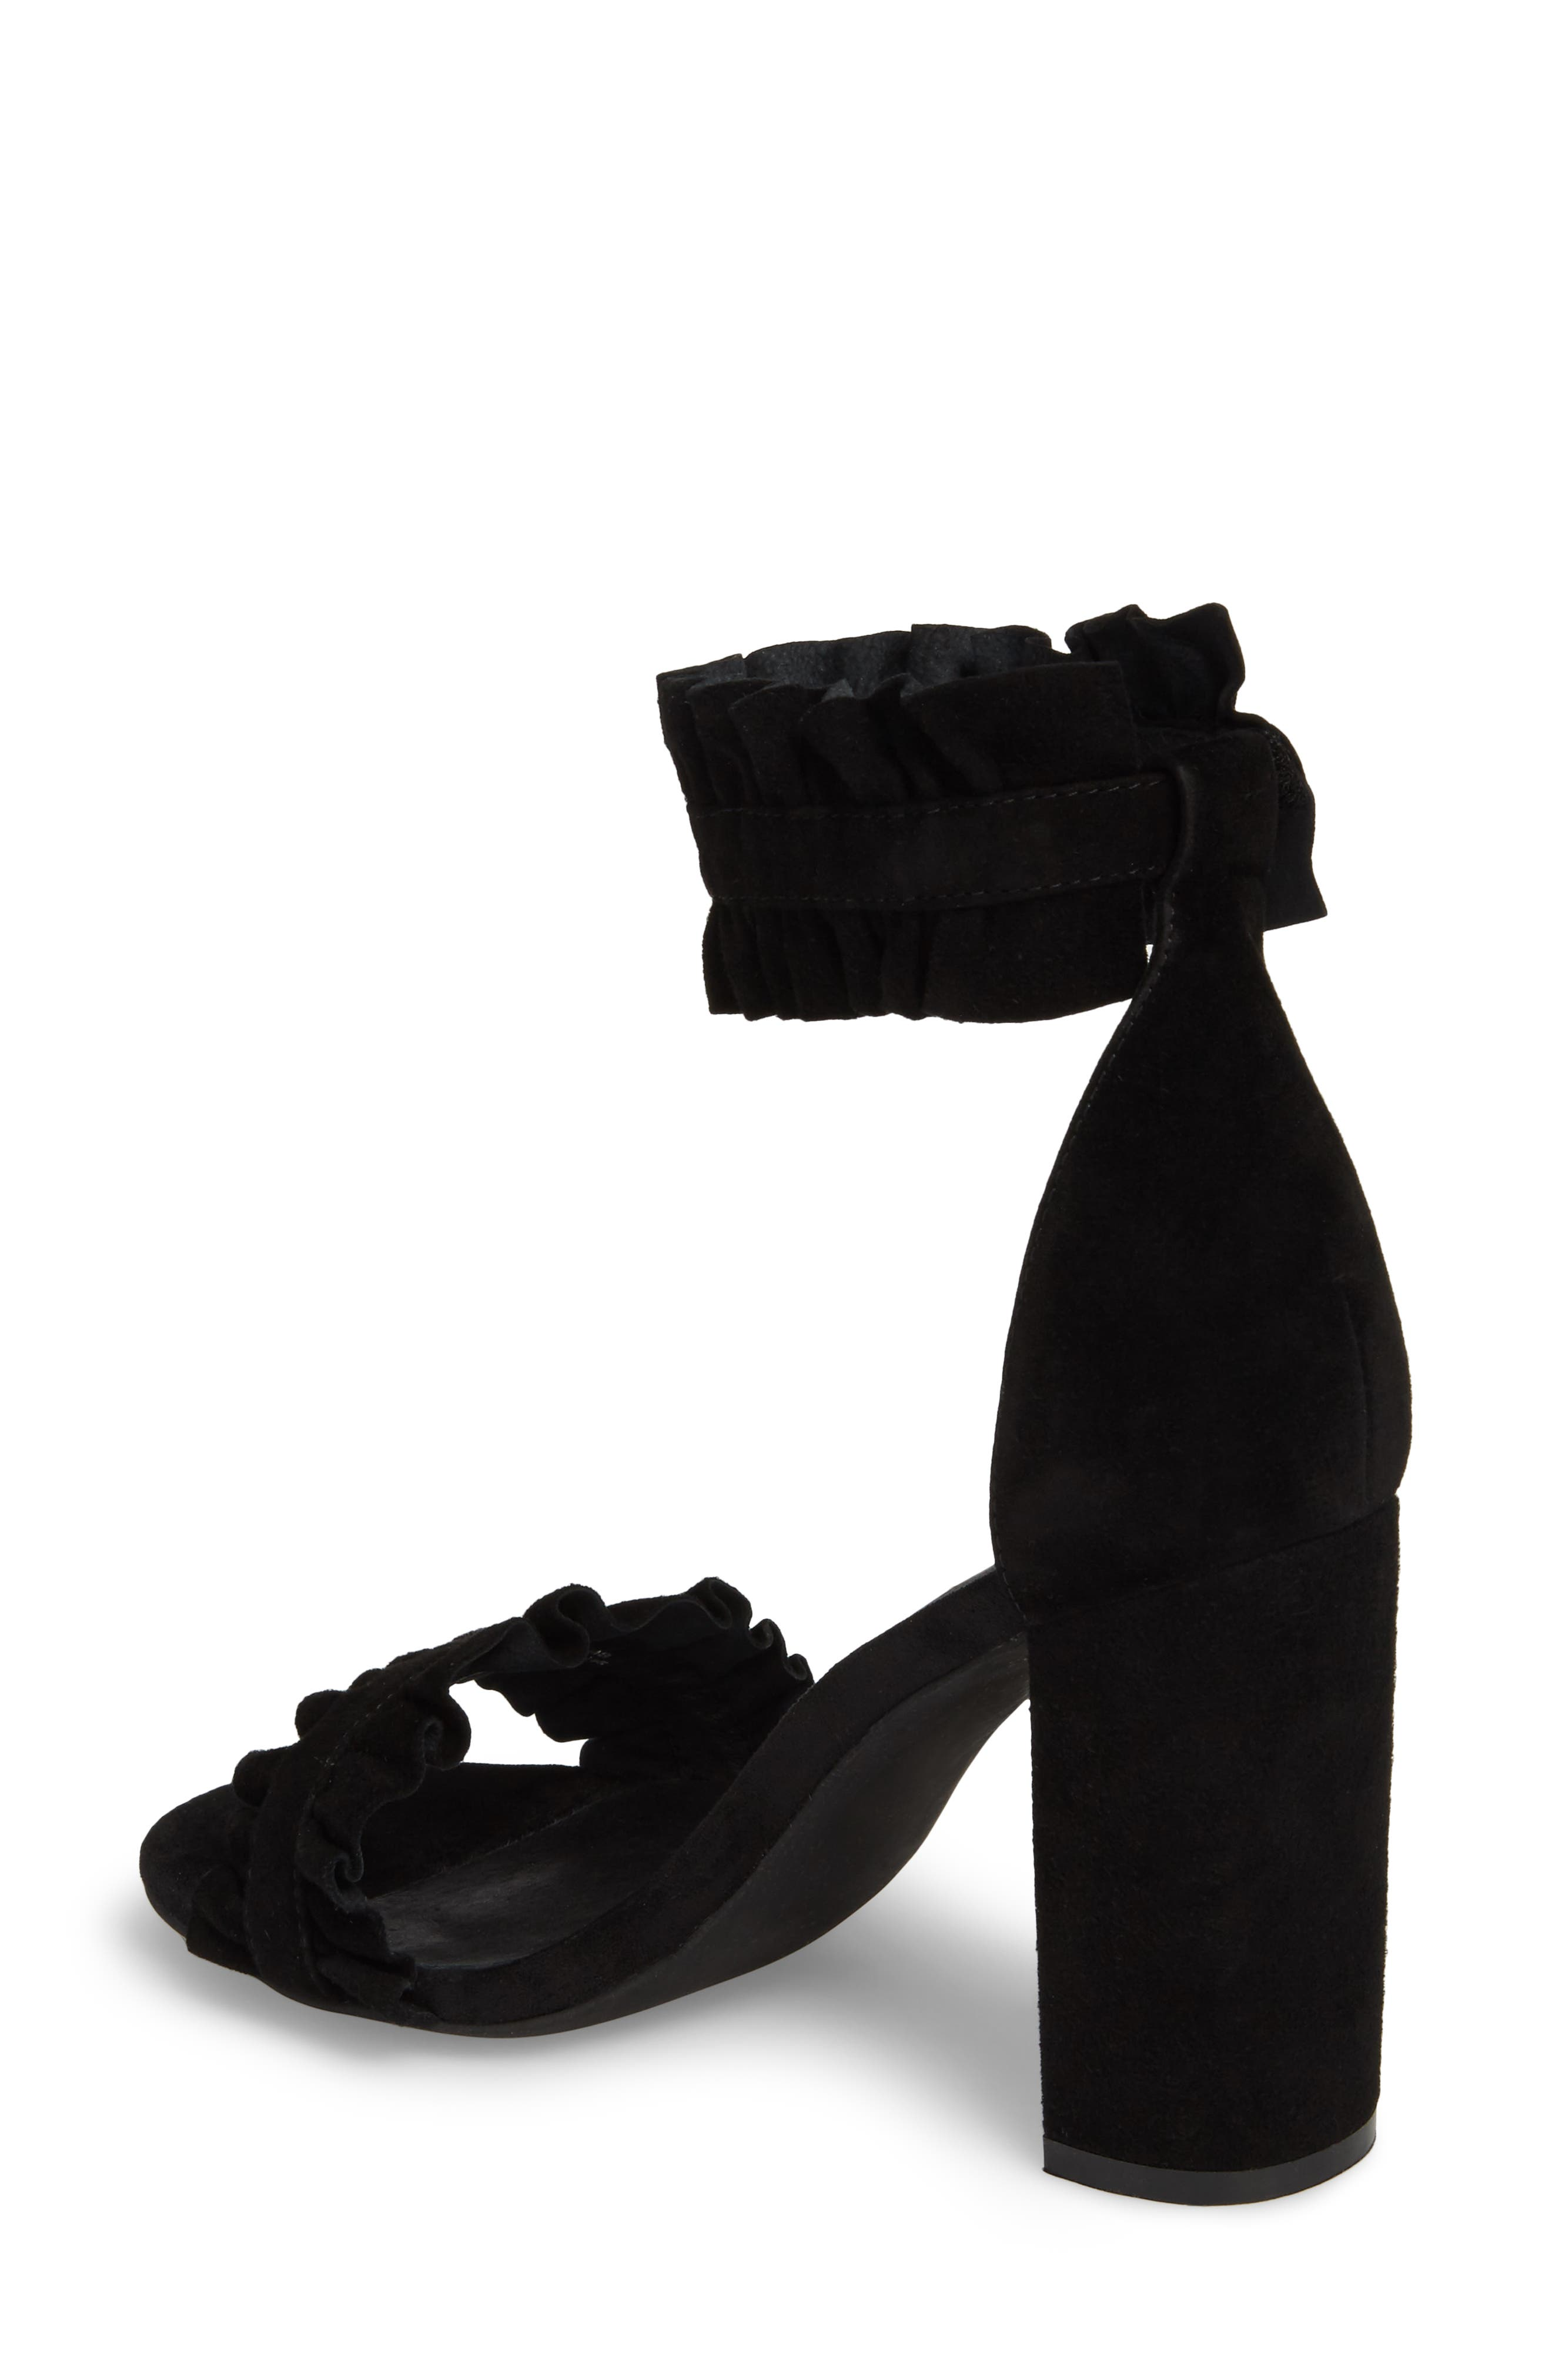 Lindsay Dome Studded Sandal,                             Alternate thumbnail 2, color,                             Black Suede